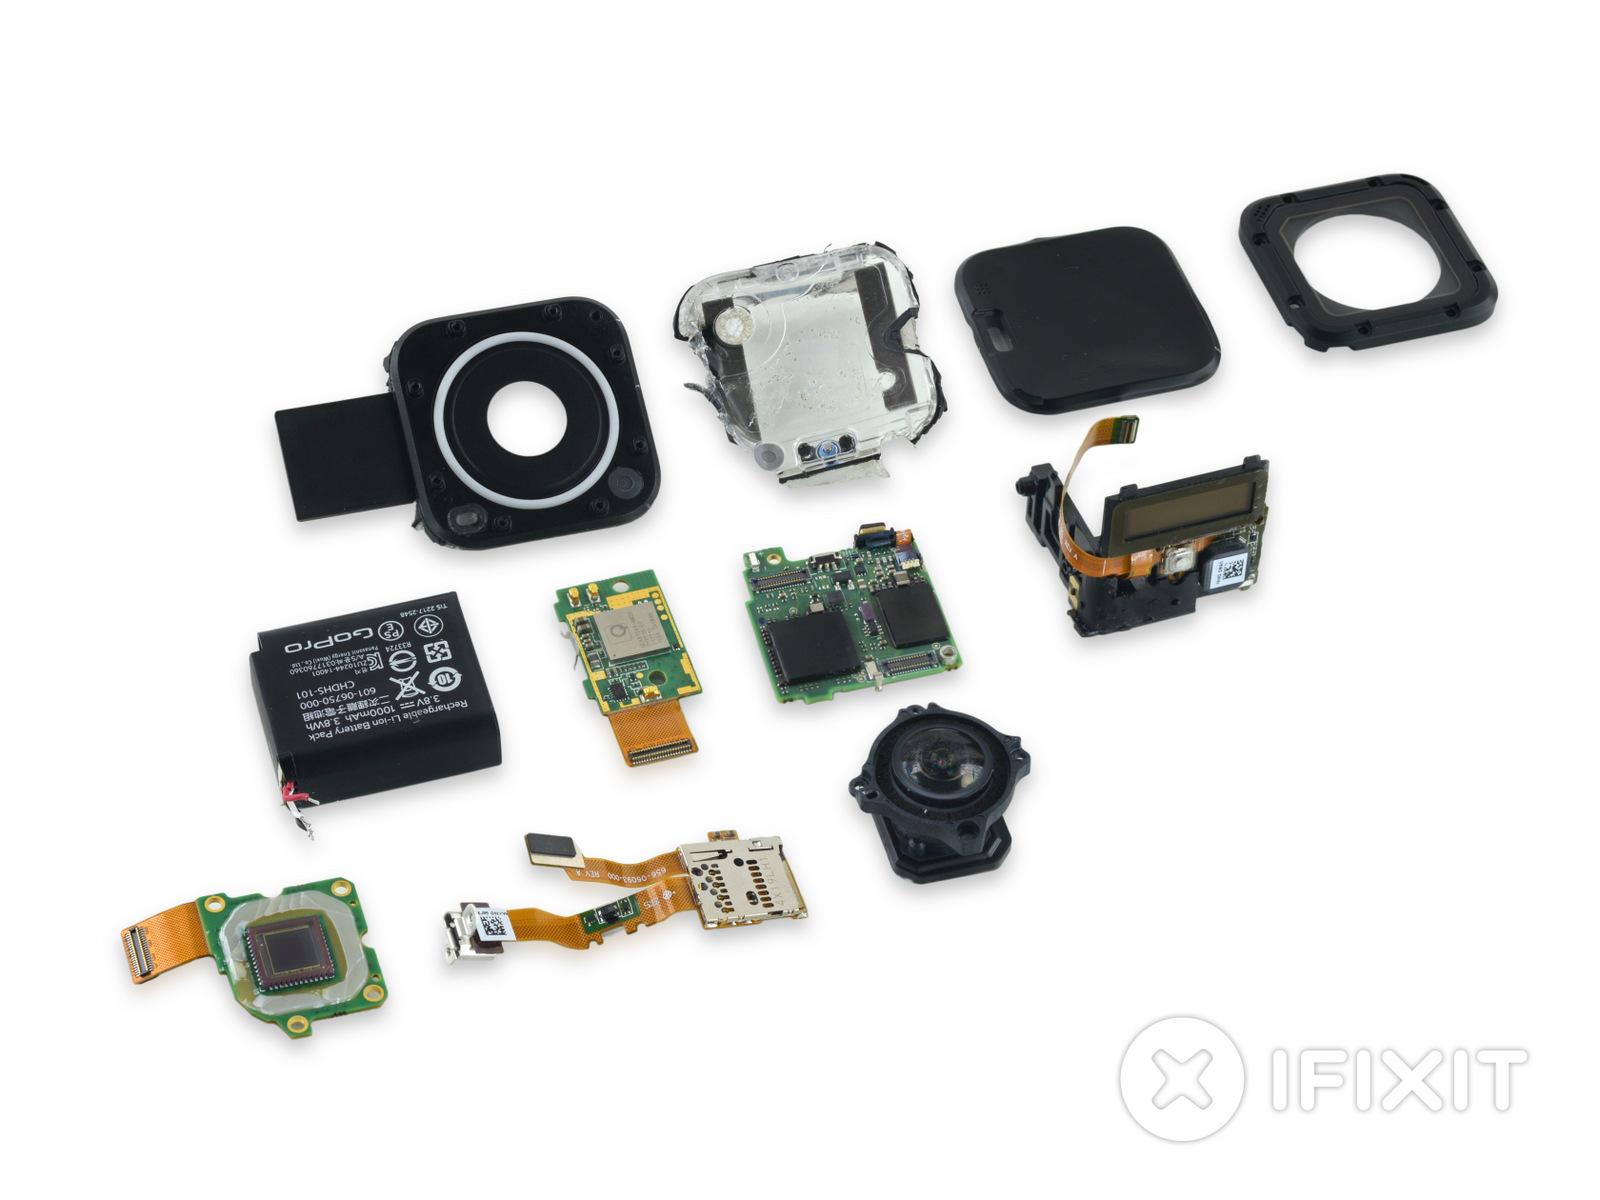 iFixit démonte la GoPro Hero4 Session et lui attribue un 1/10 : tant mieux pour l'étanchéité